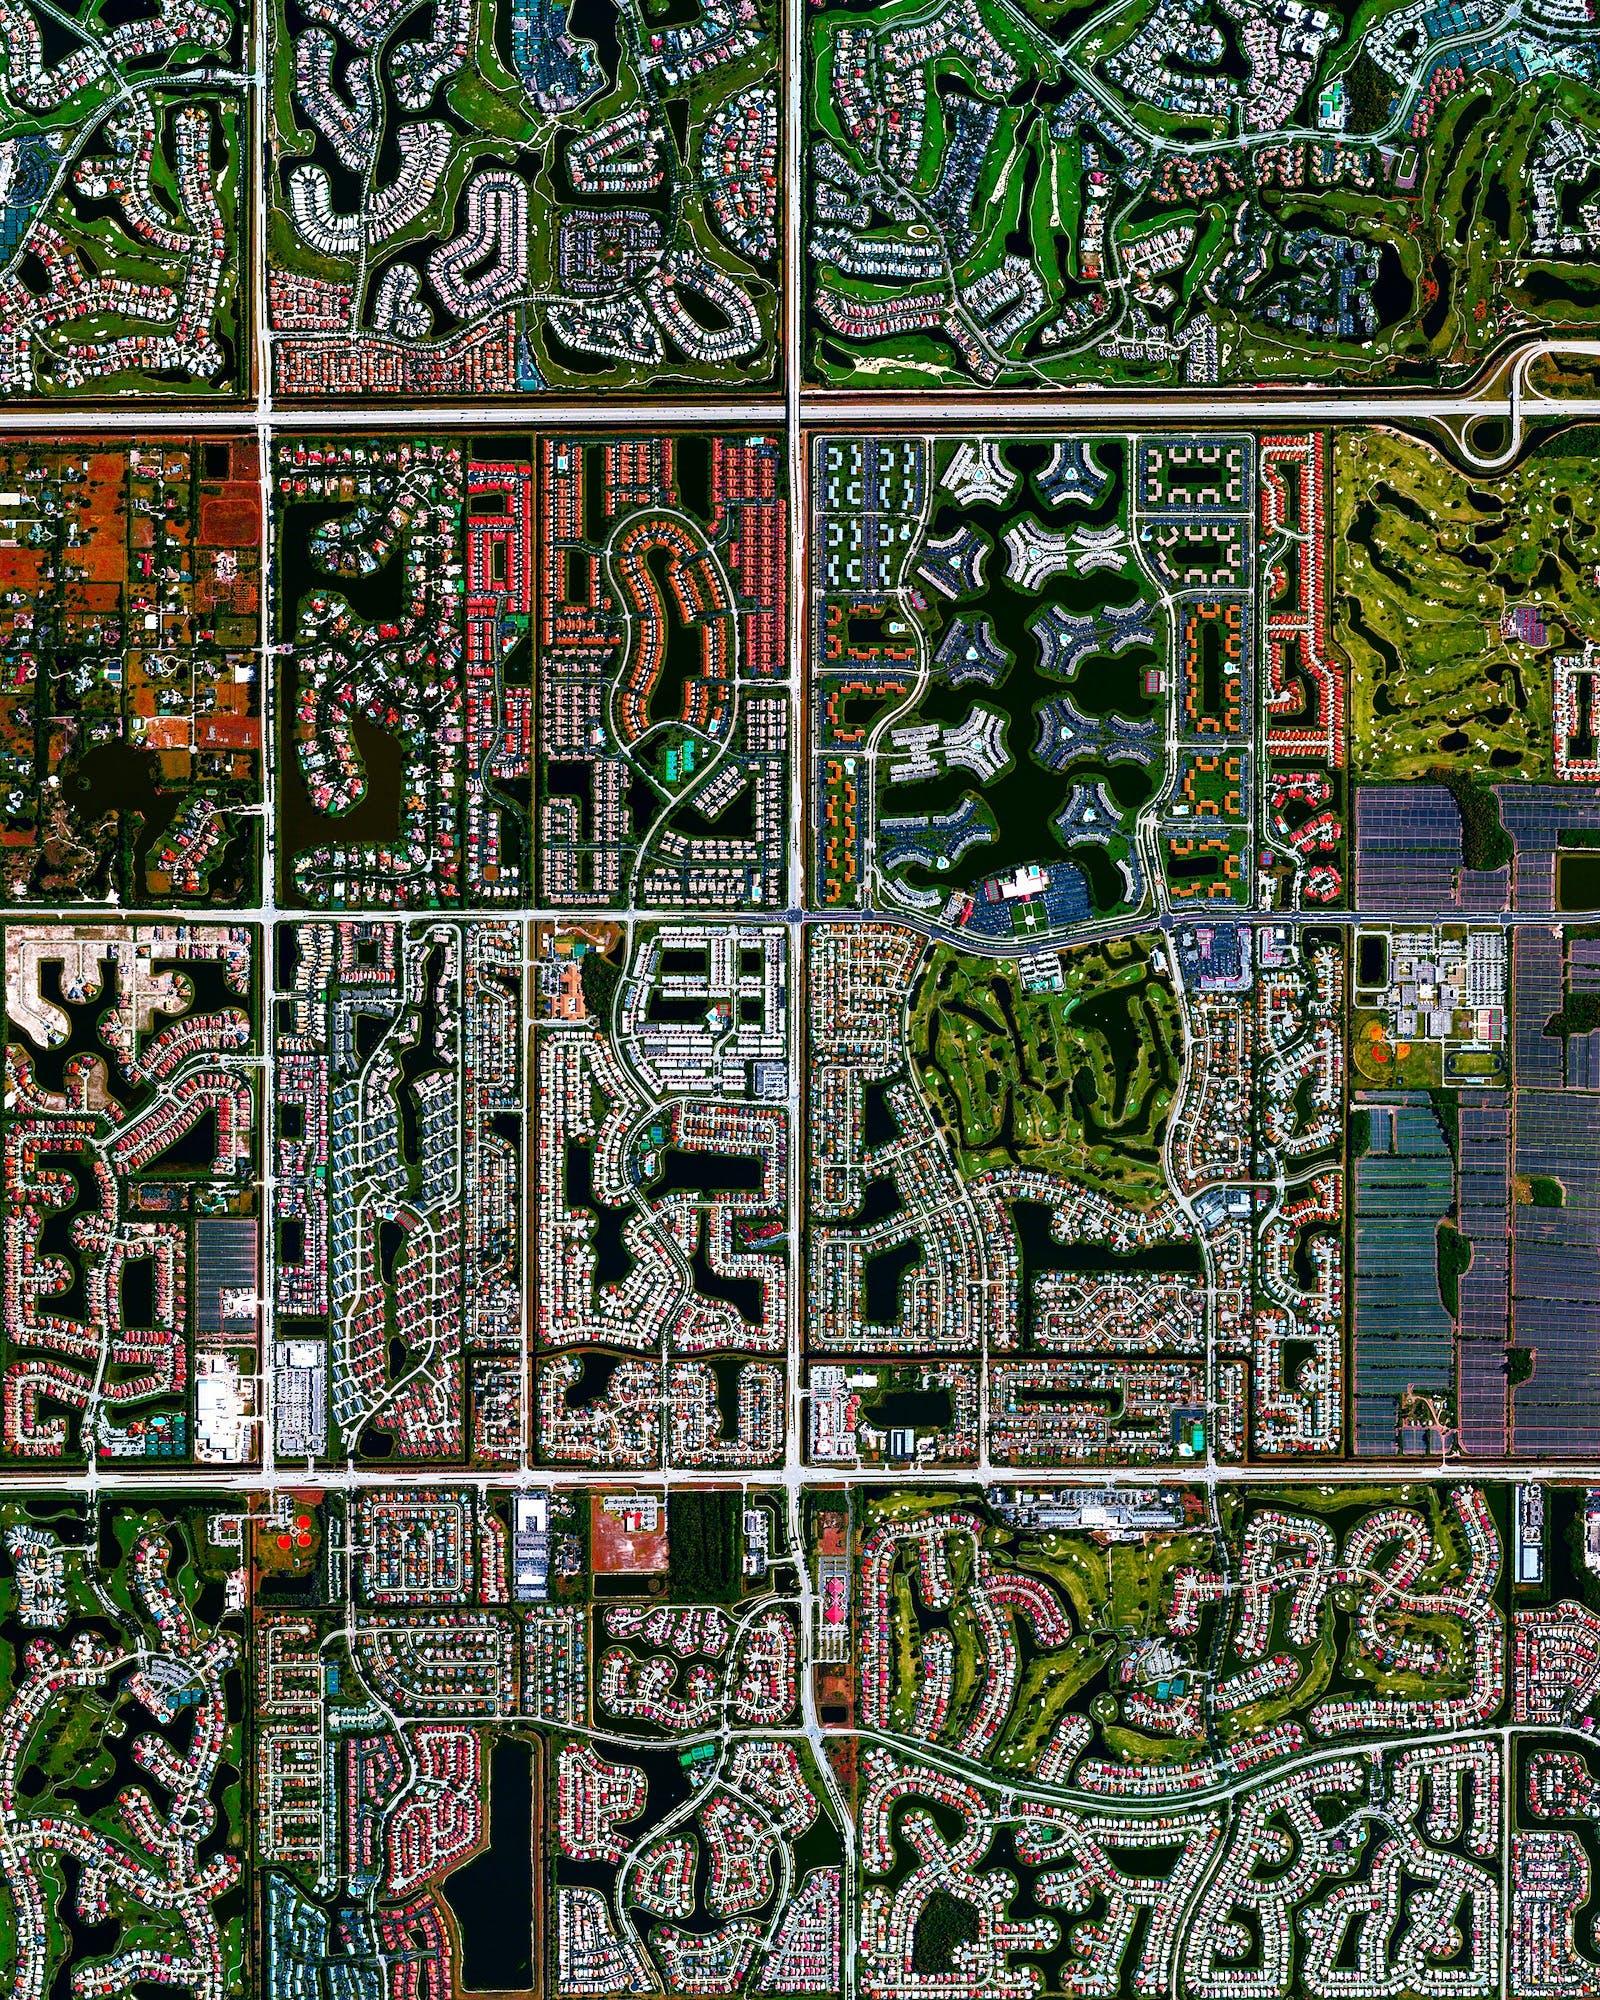 Florida's Aquatic Land Cover